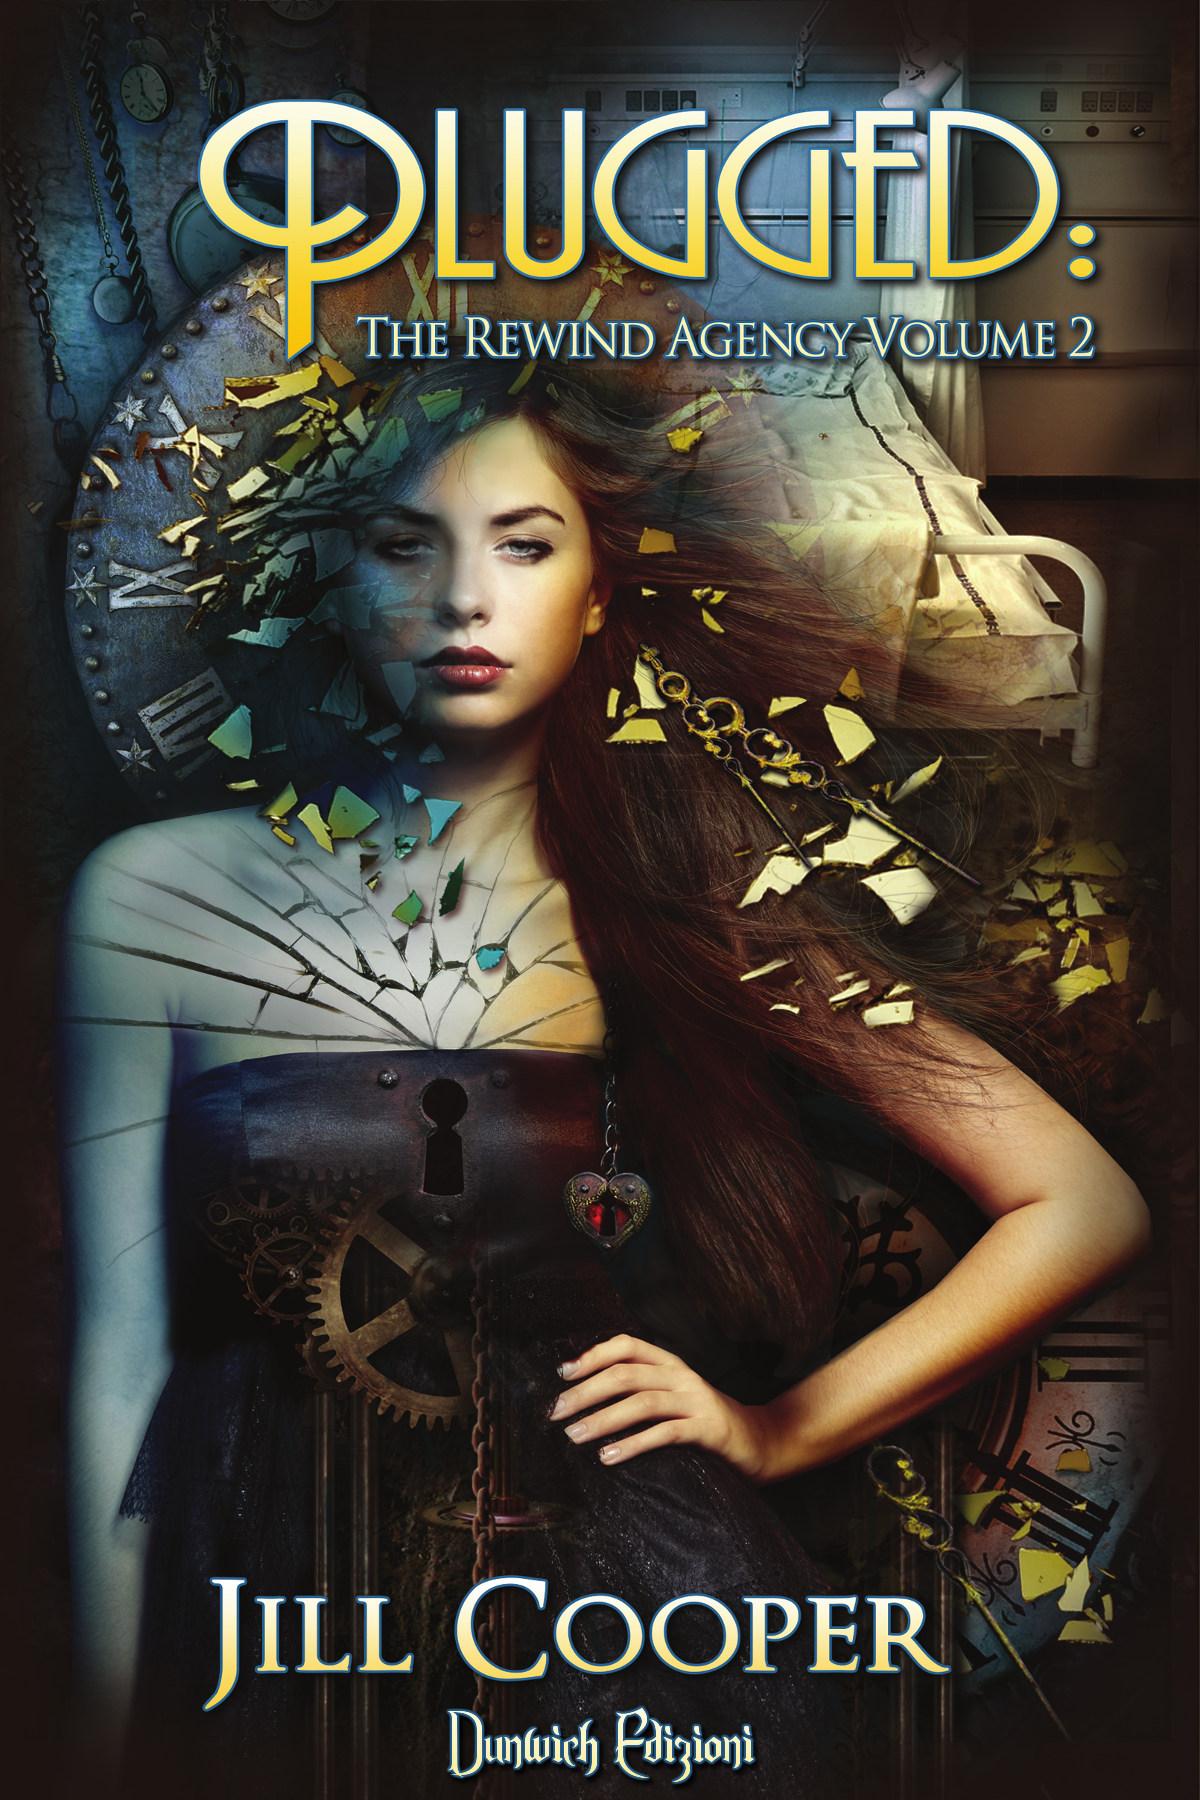 Plugged (The Rewind Agency Vol. 2) di Jill Cooper